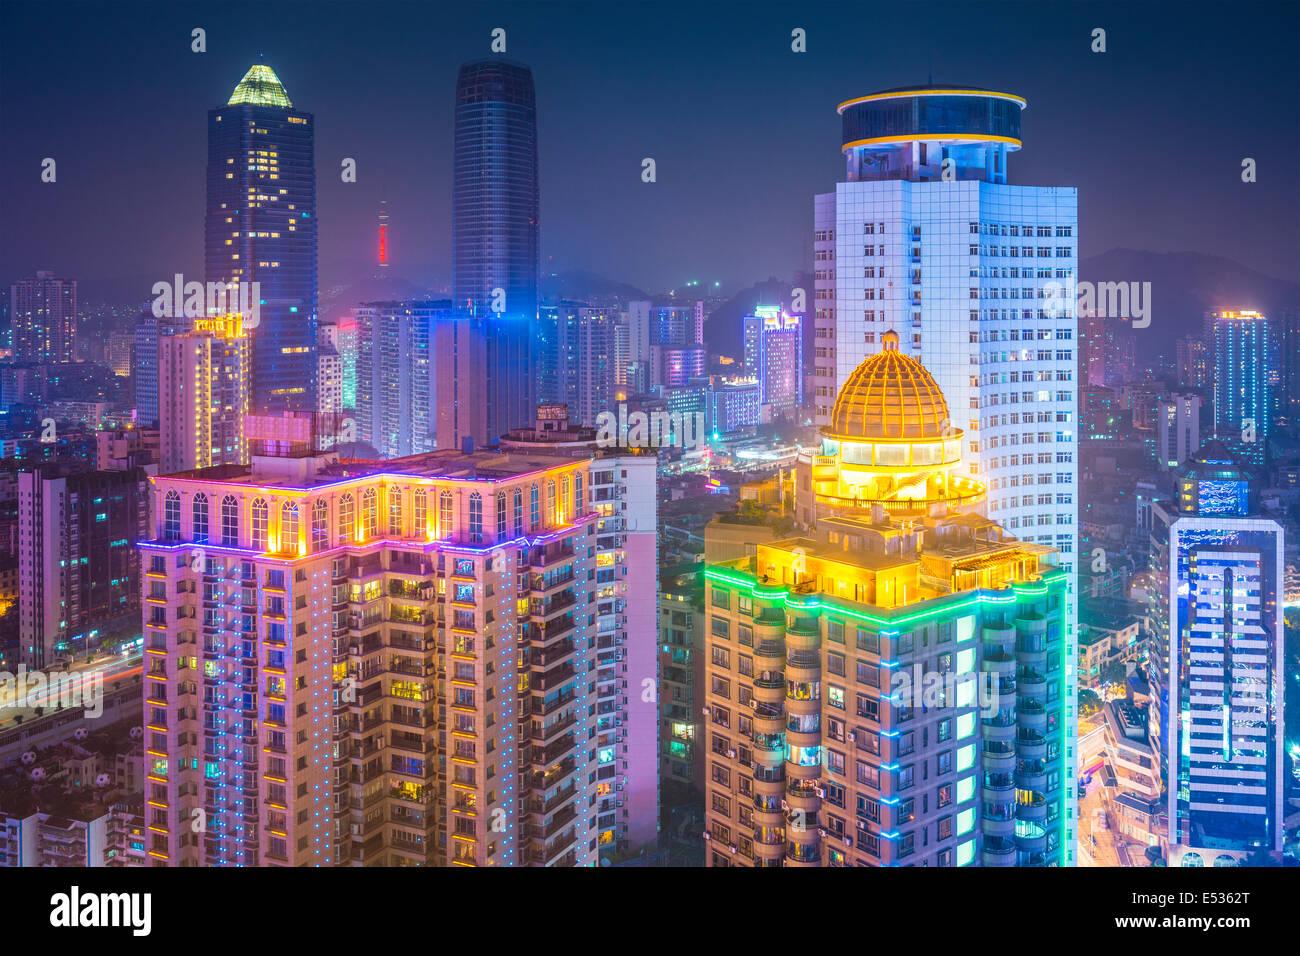 Guiyang, China downtown cityscape at night. - Stock Image